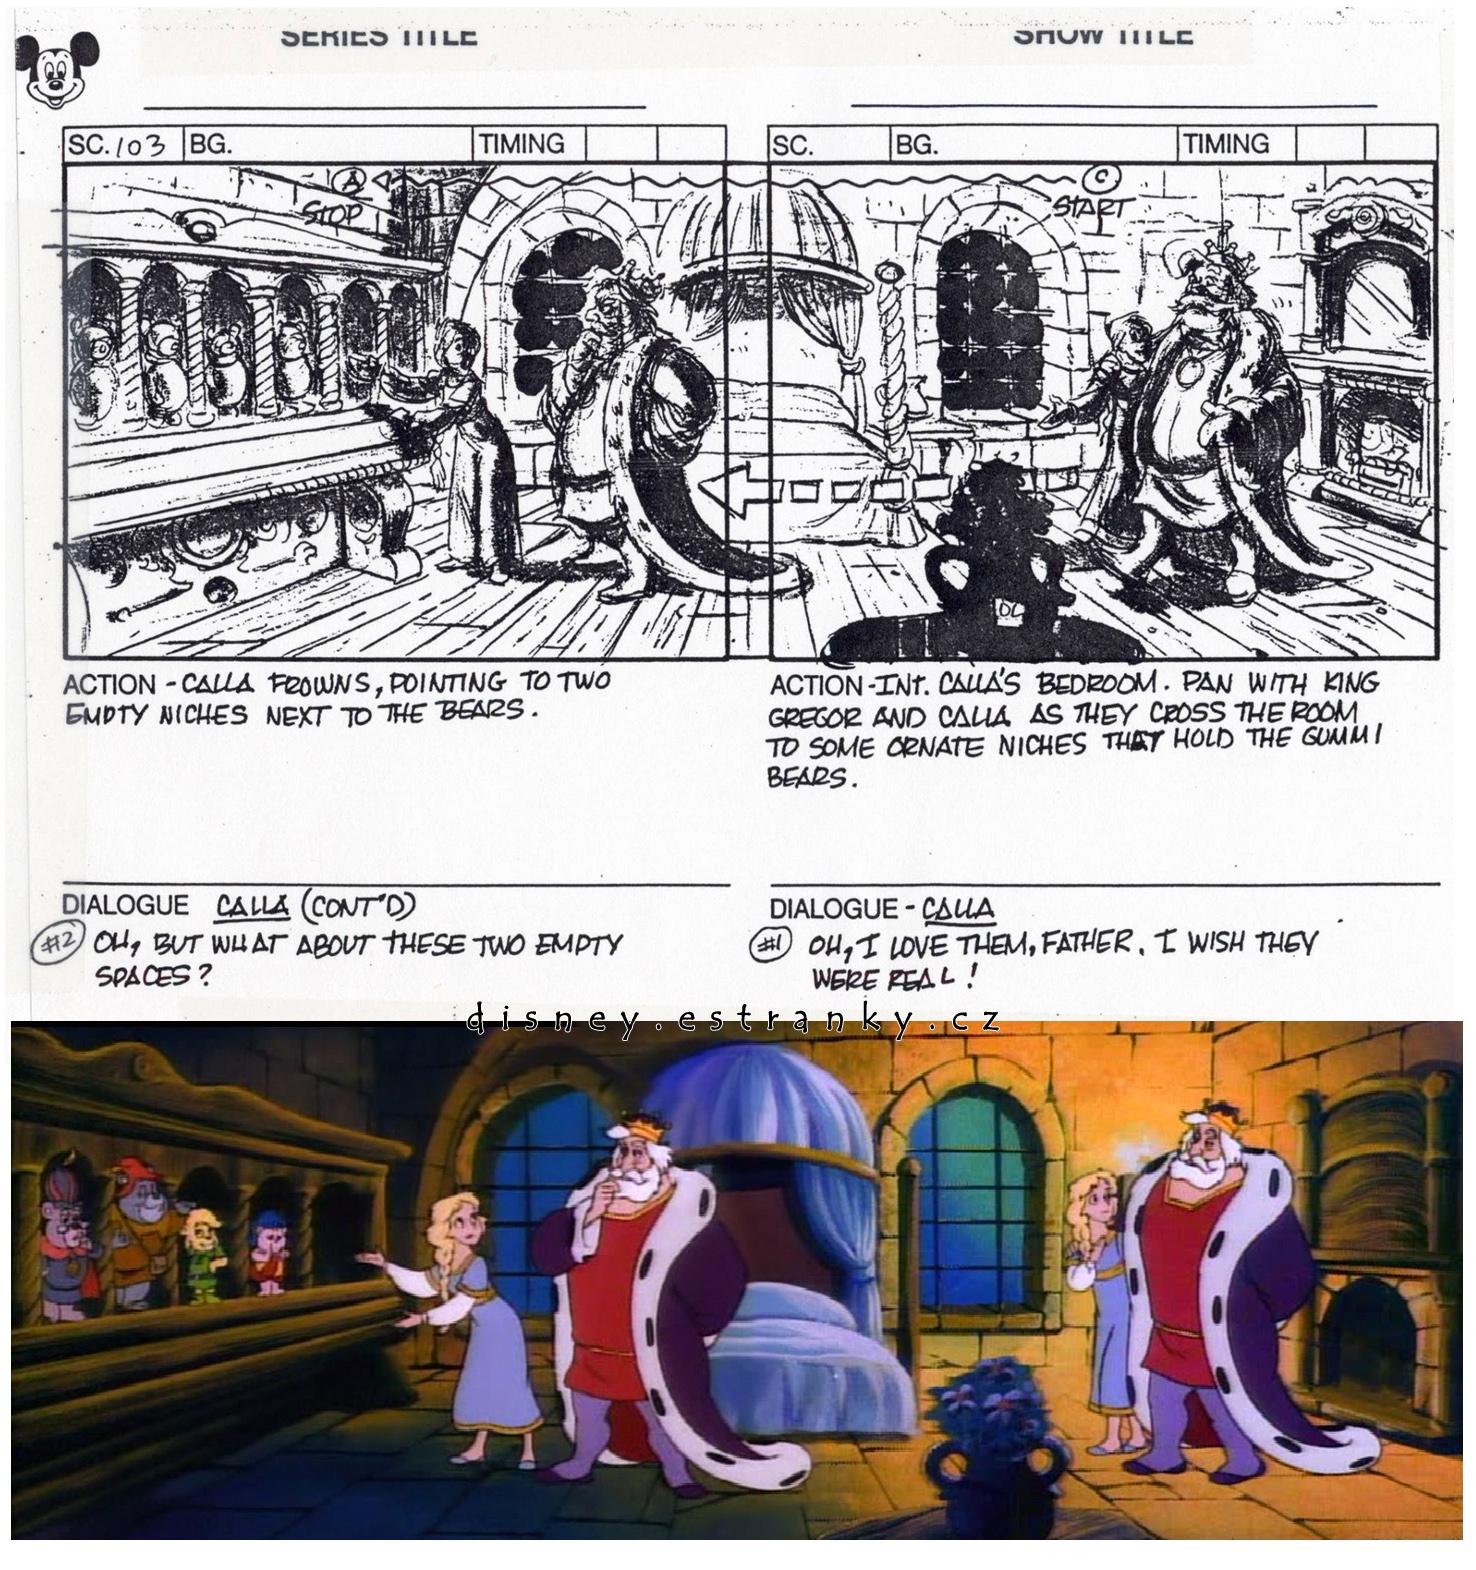 http://www.disney.estranky.cz/img/original/2053/gumidci-storyboard-s-postavami-krale-kristiana-a-klary-2.-dil-gumidku.jpg